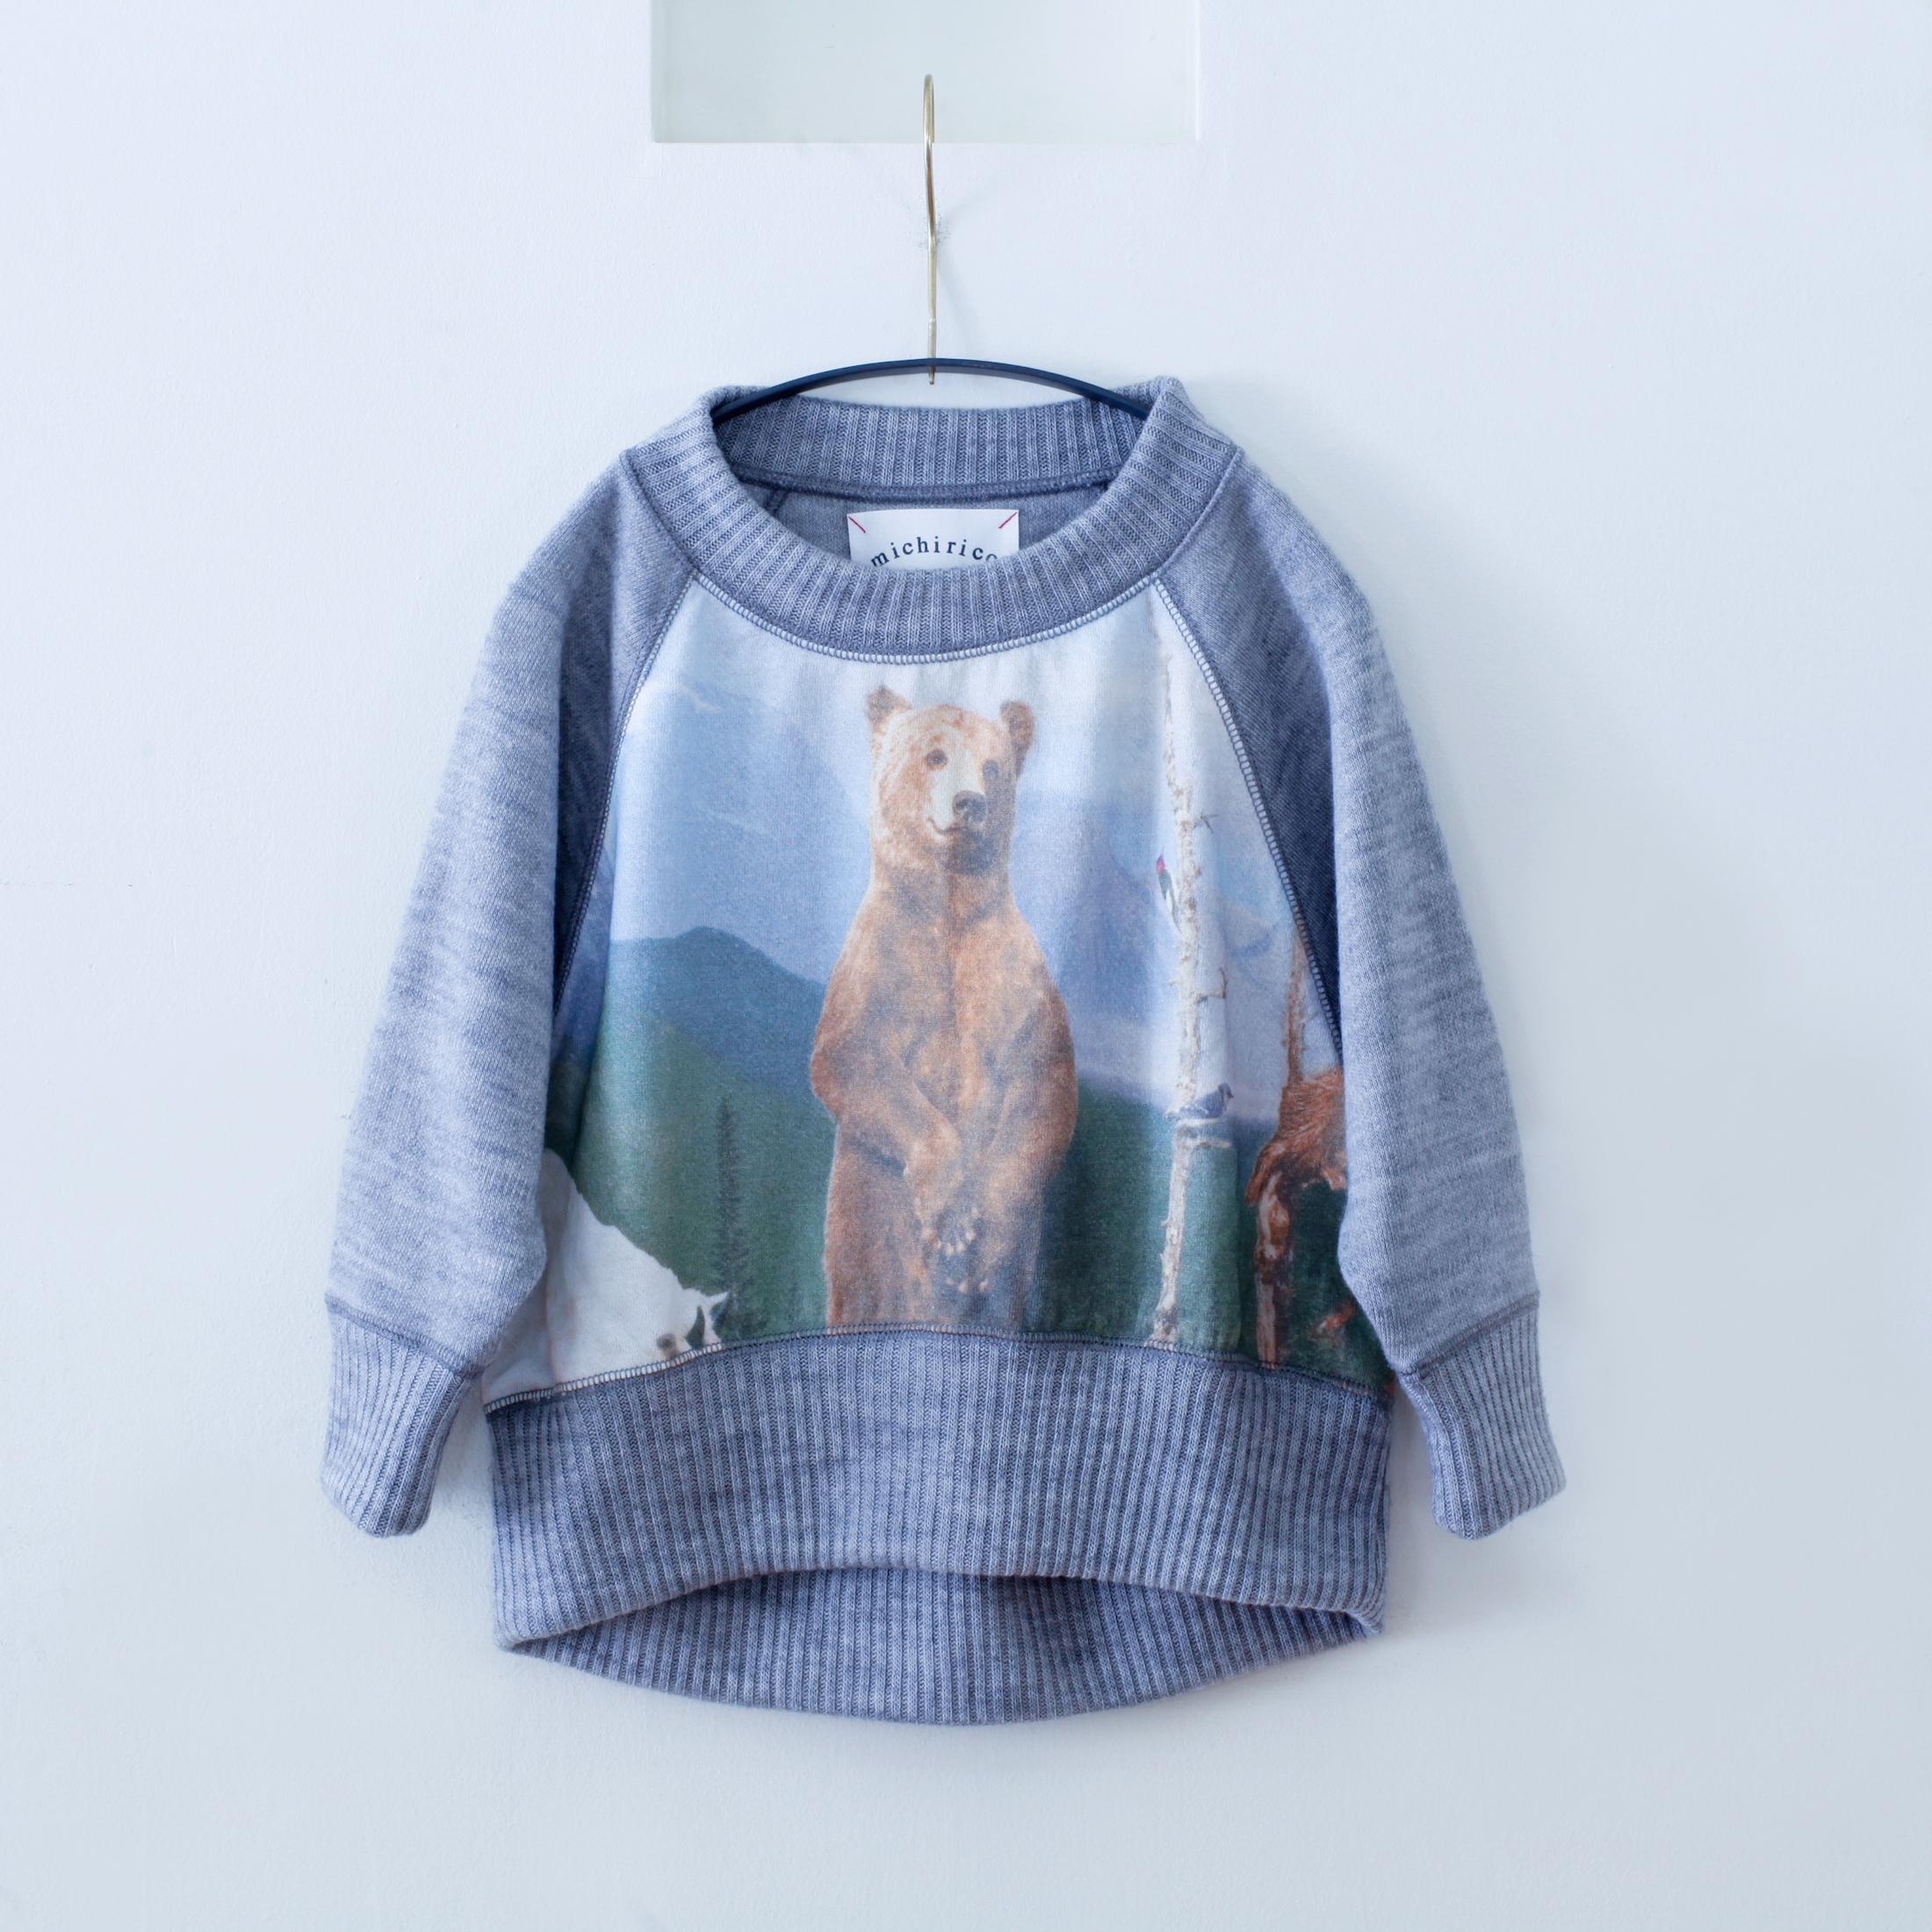 《michirico 2015AW》bear knit / gray / M(100-110cm)